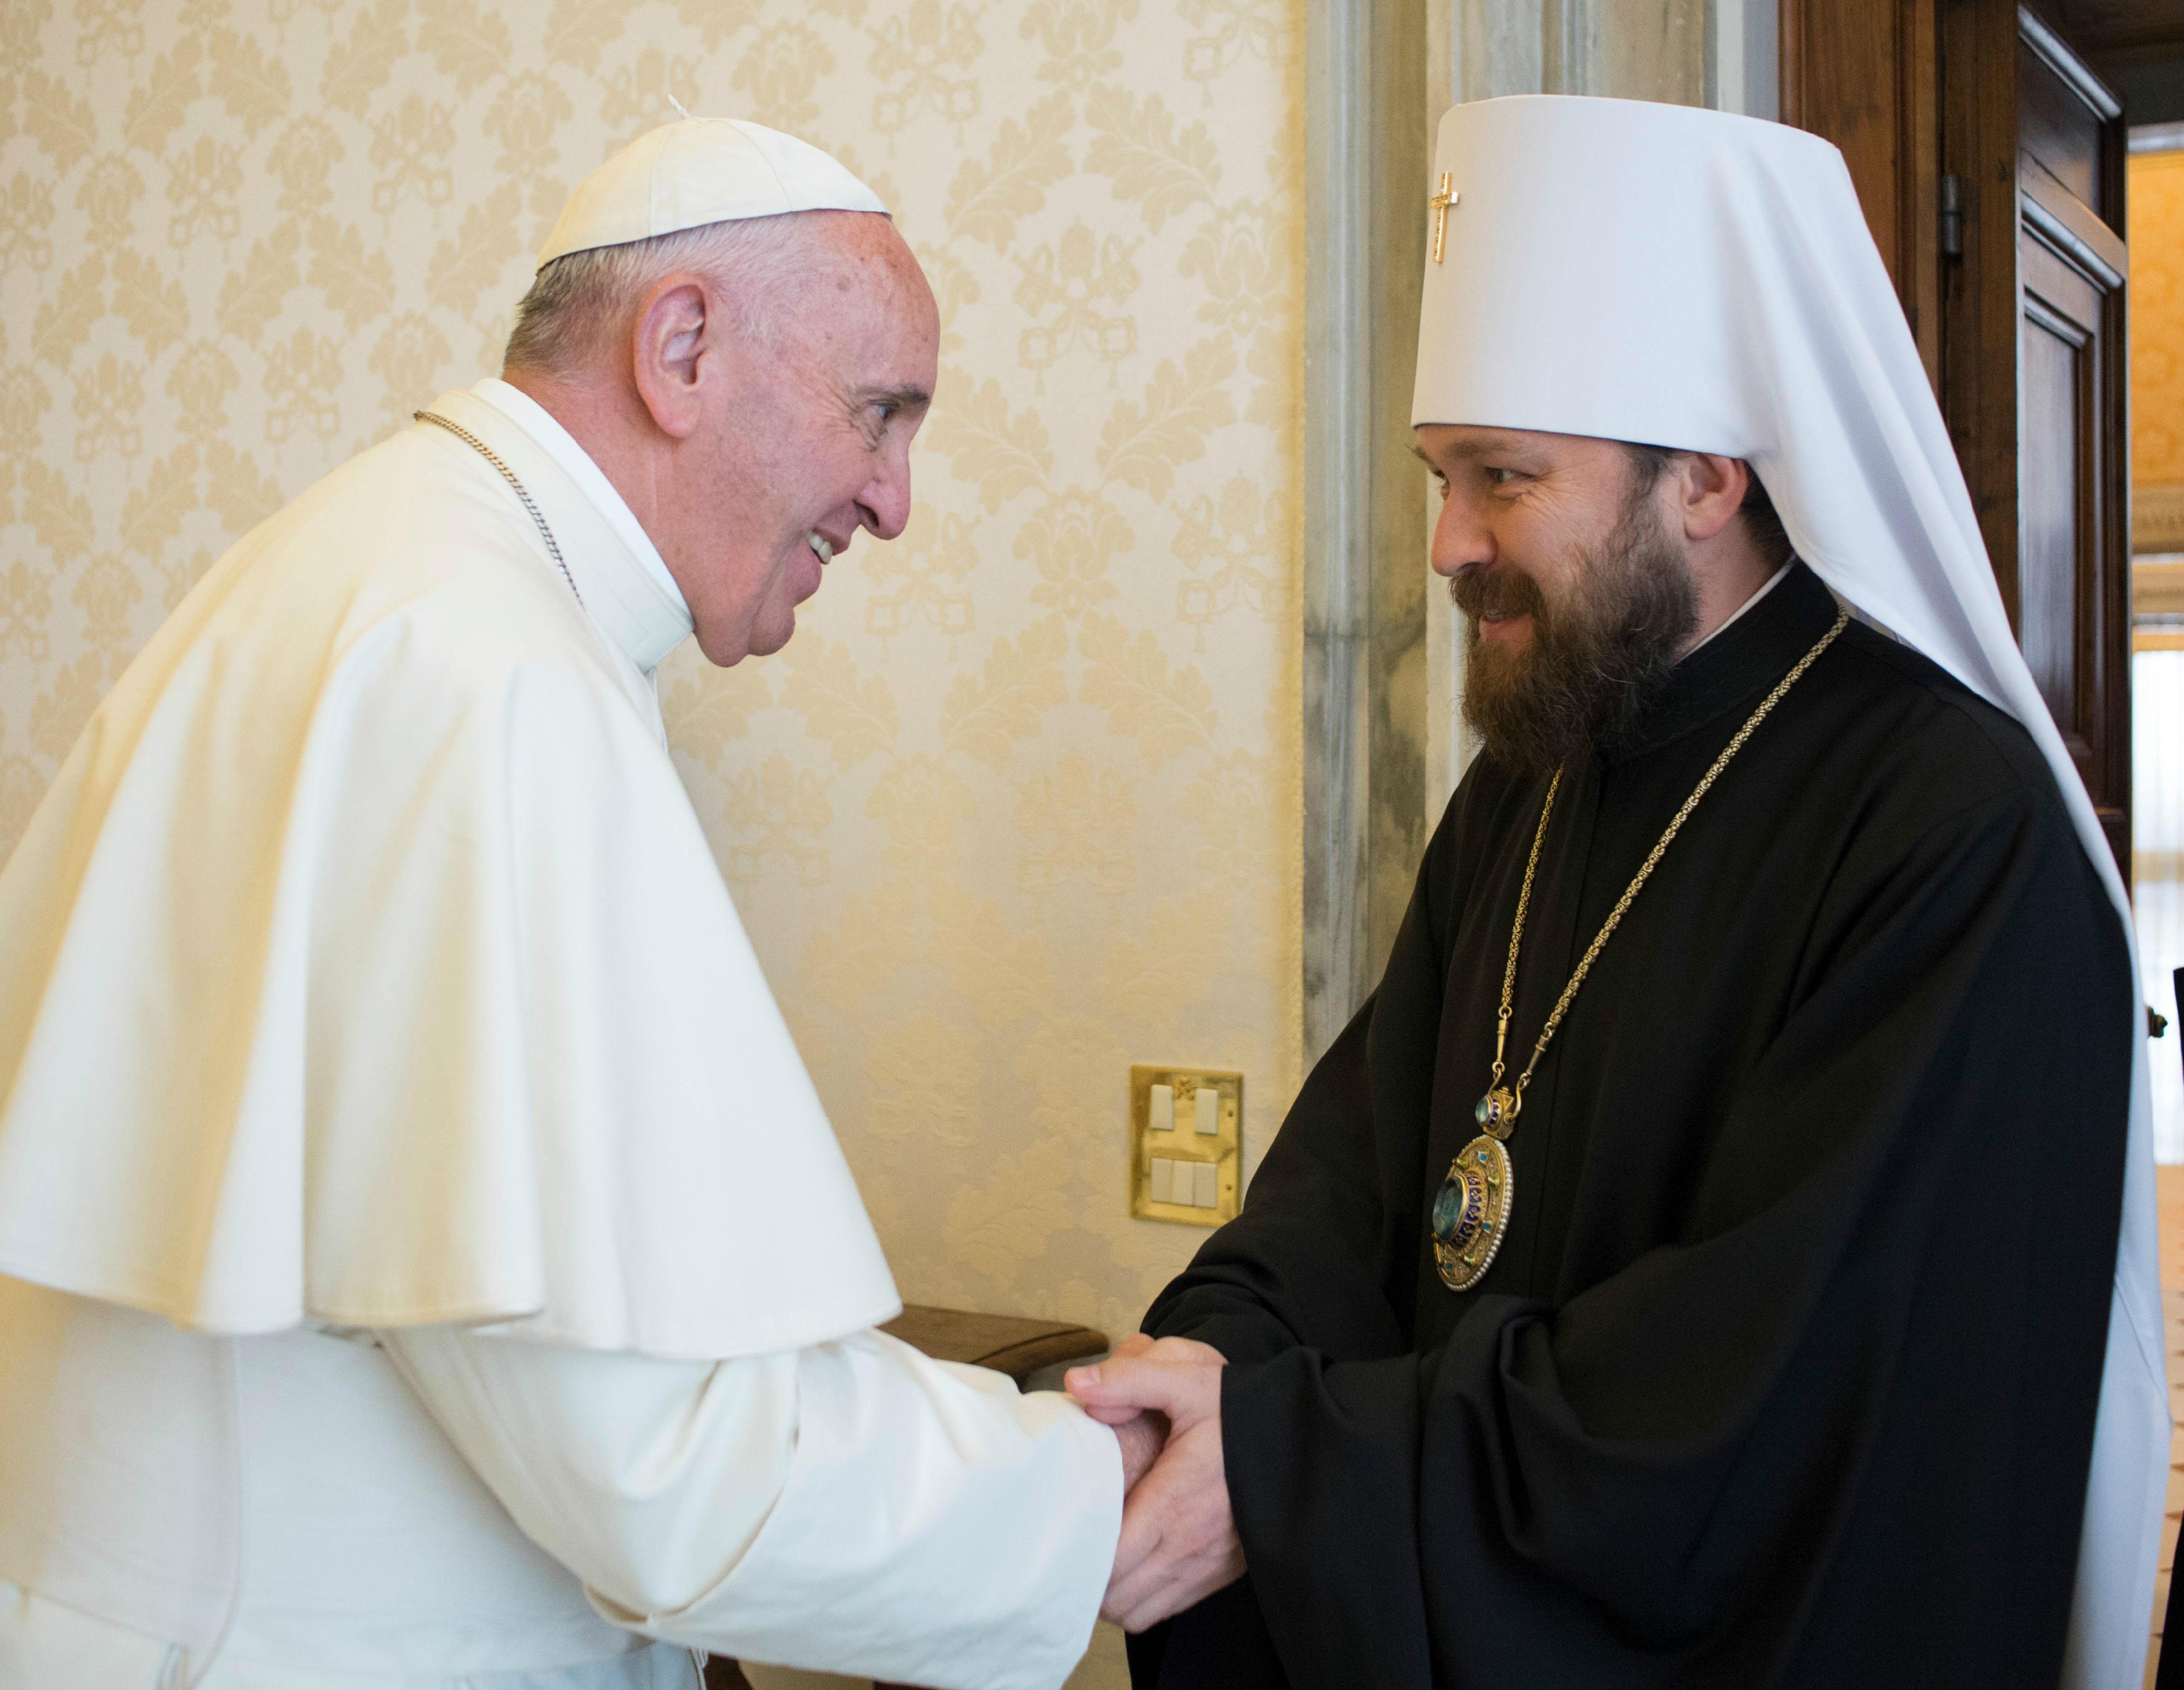 OR - Le pape François reçoit le métropolite Hilarion, président du département des relations extérieures du Patriarcat de Moscou